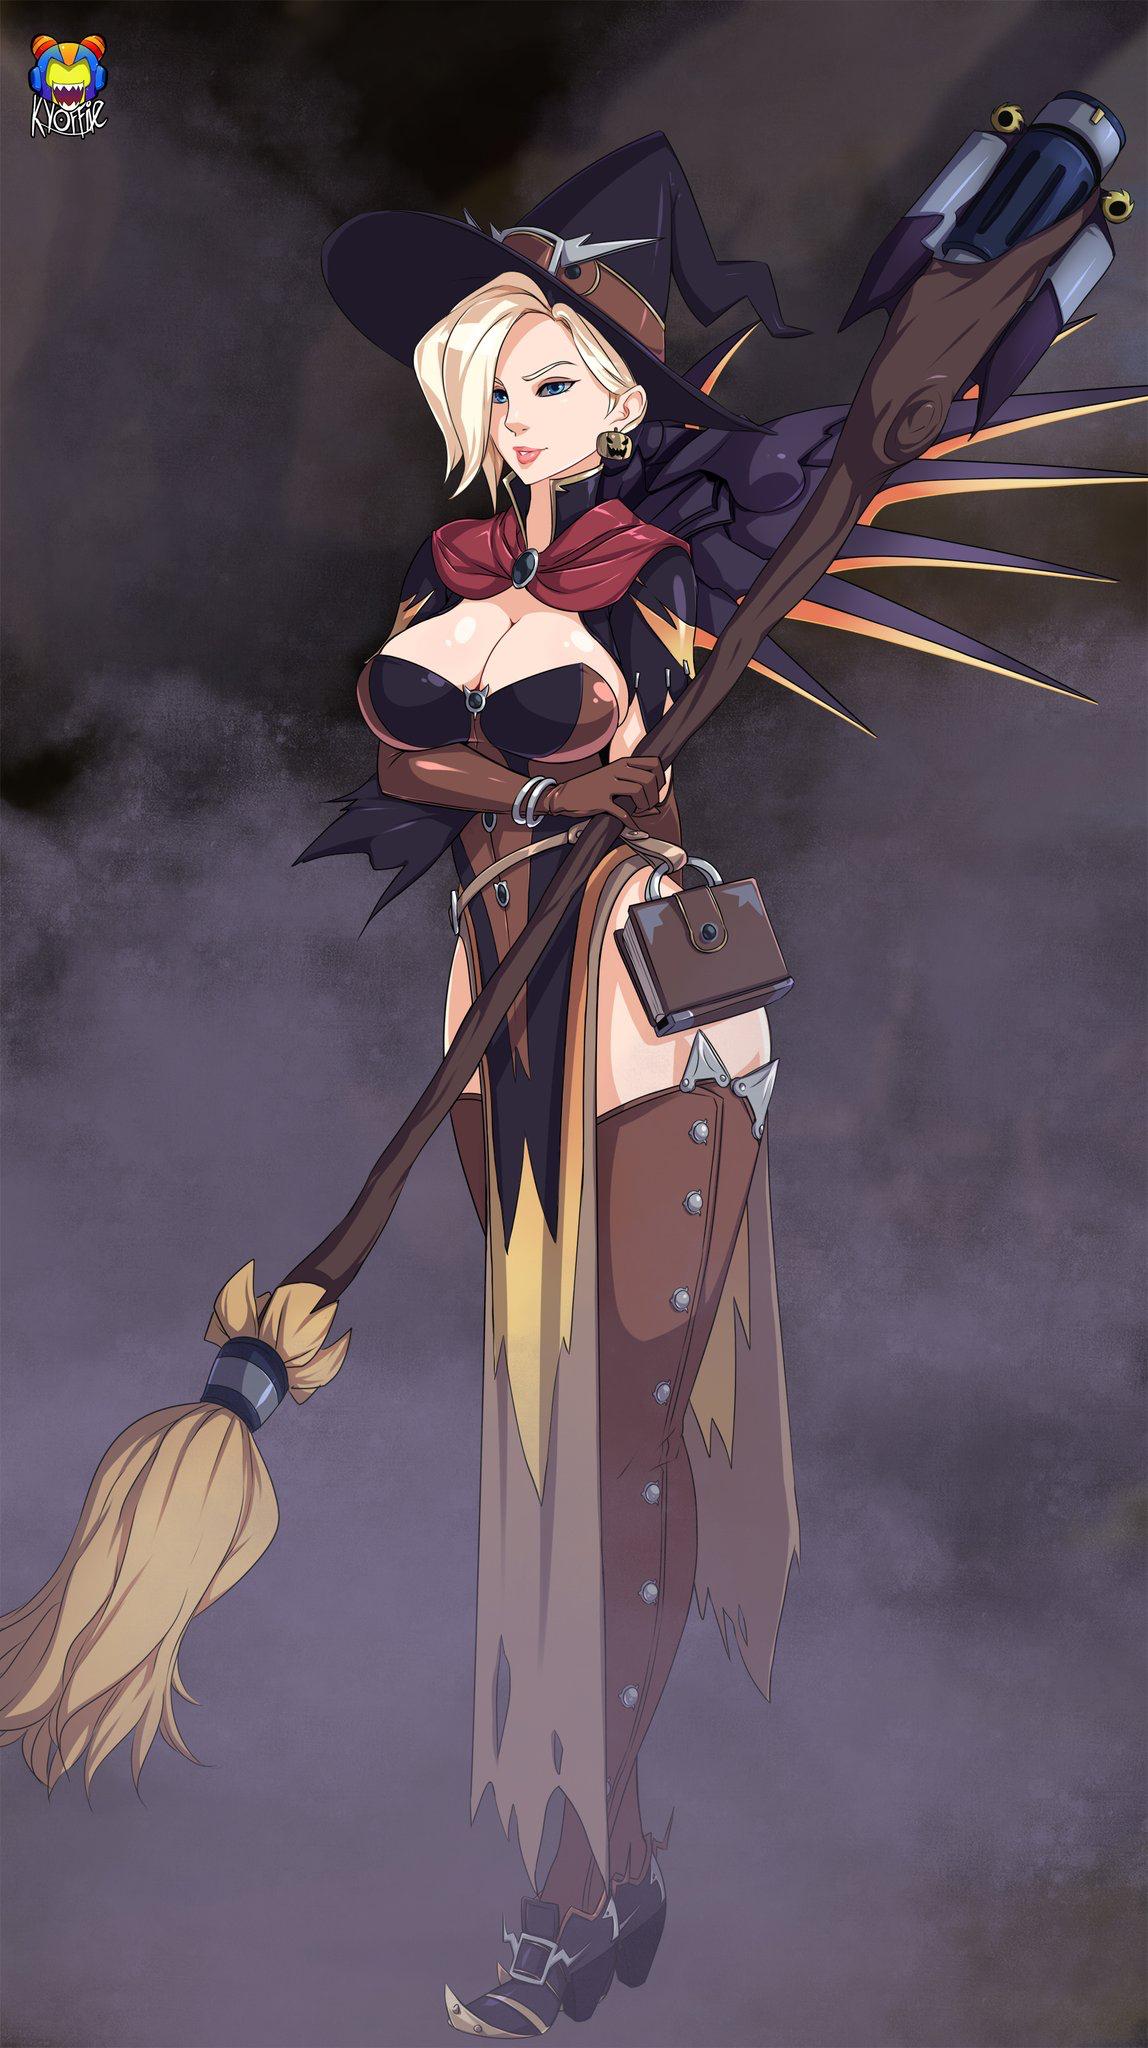 Pin by Manoki on Witch Mercy | Pinterest | Overwatch mercy